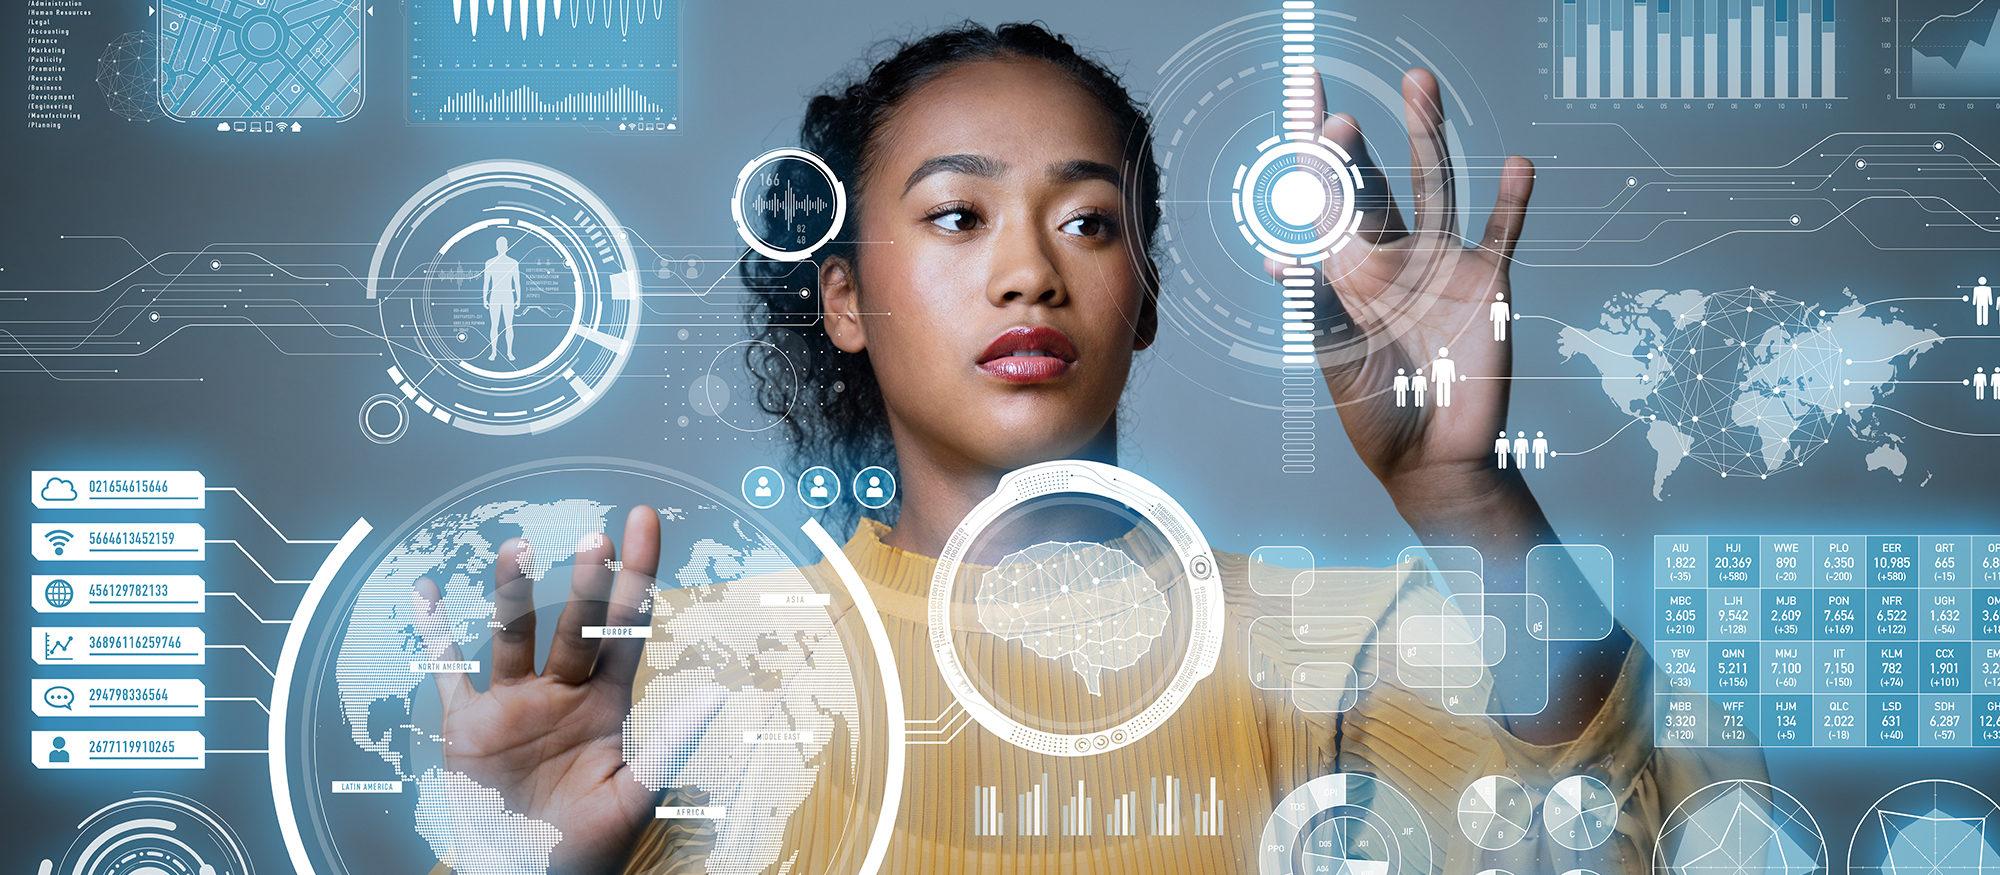 El estado de la IA en el diseño de UI / UX